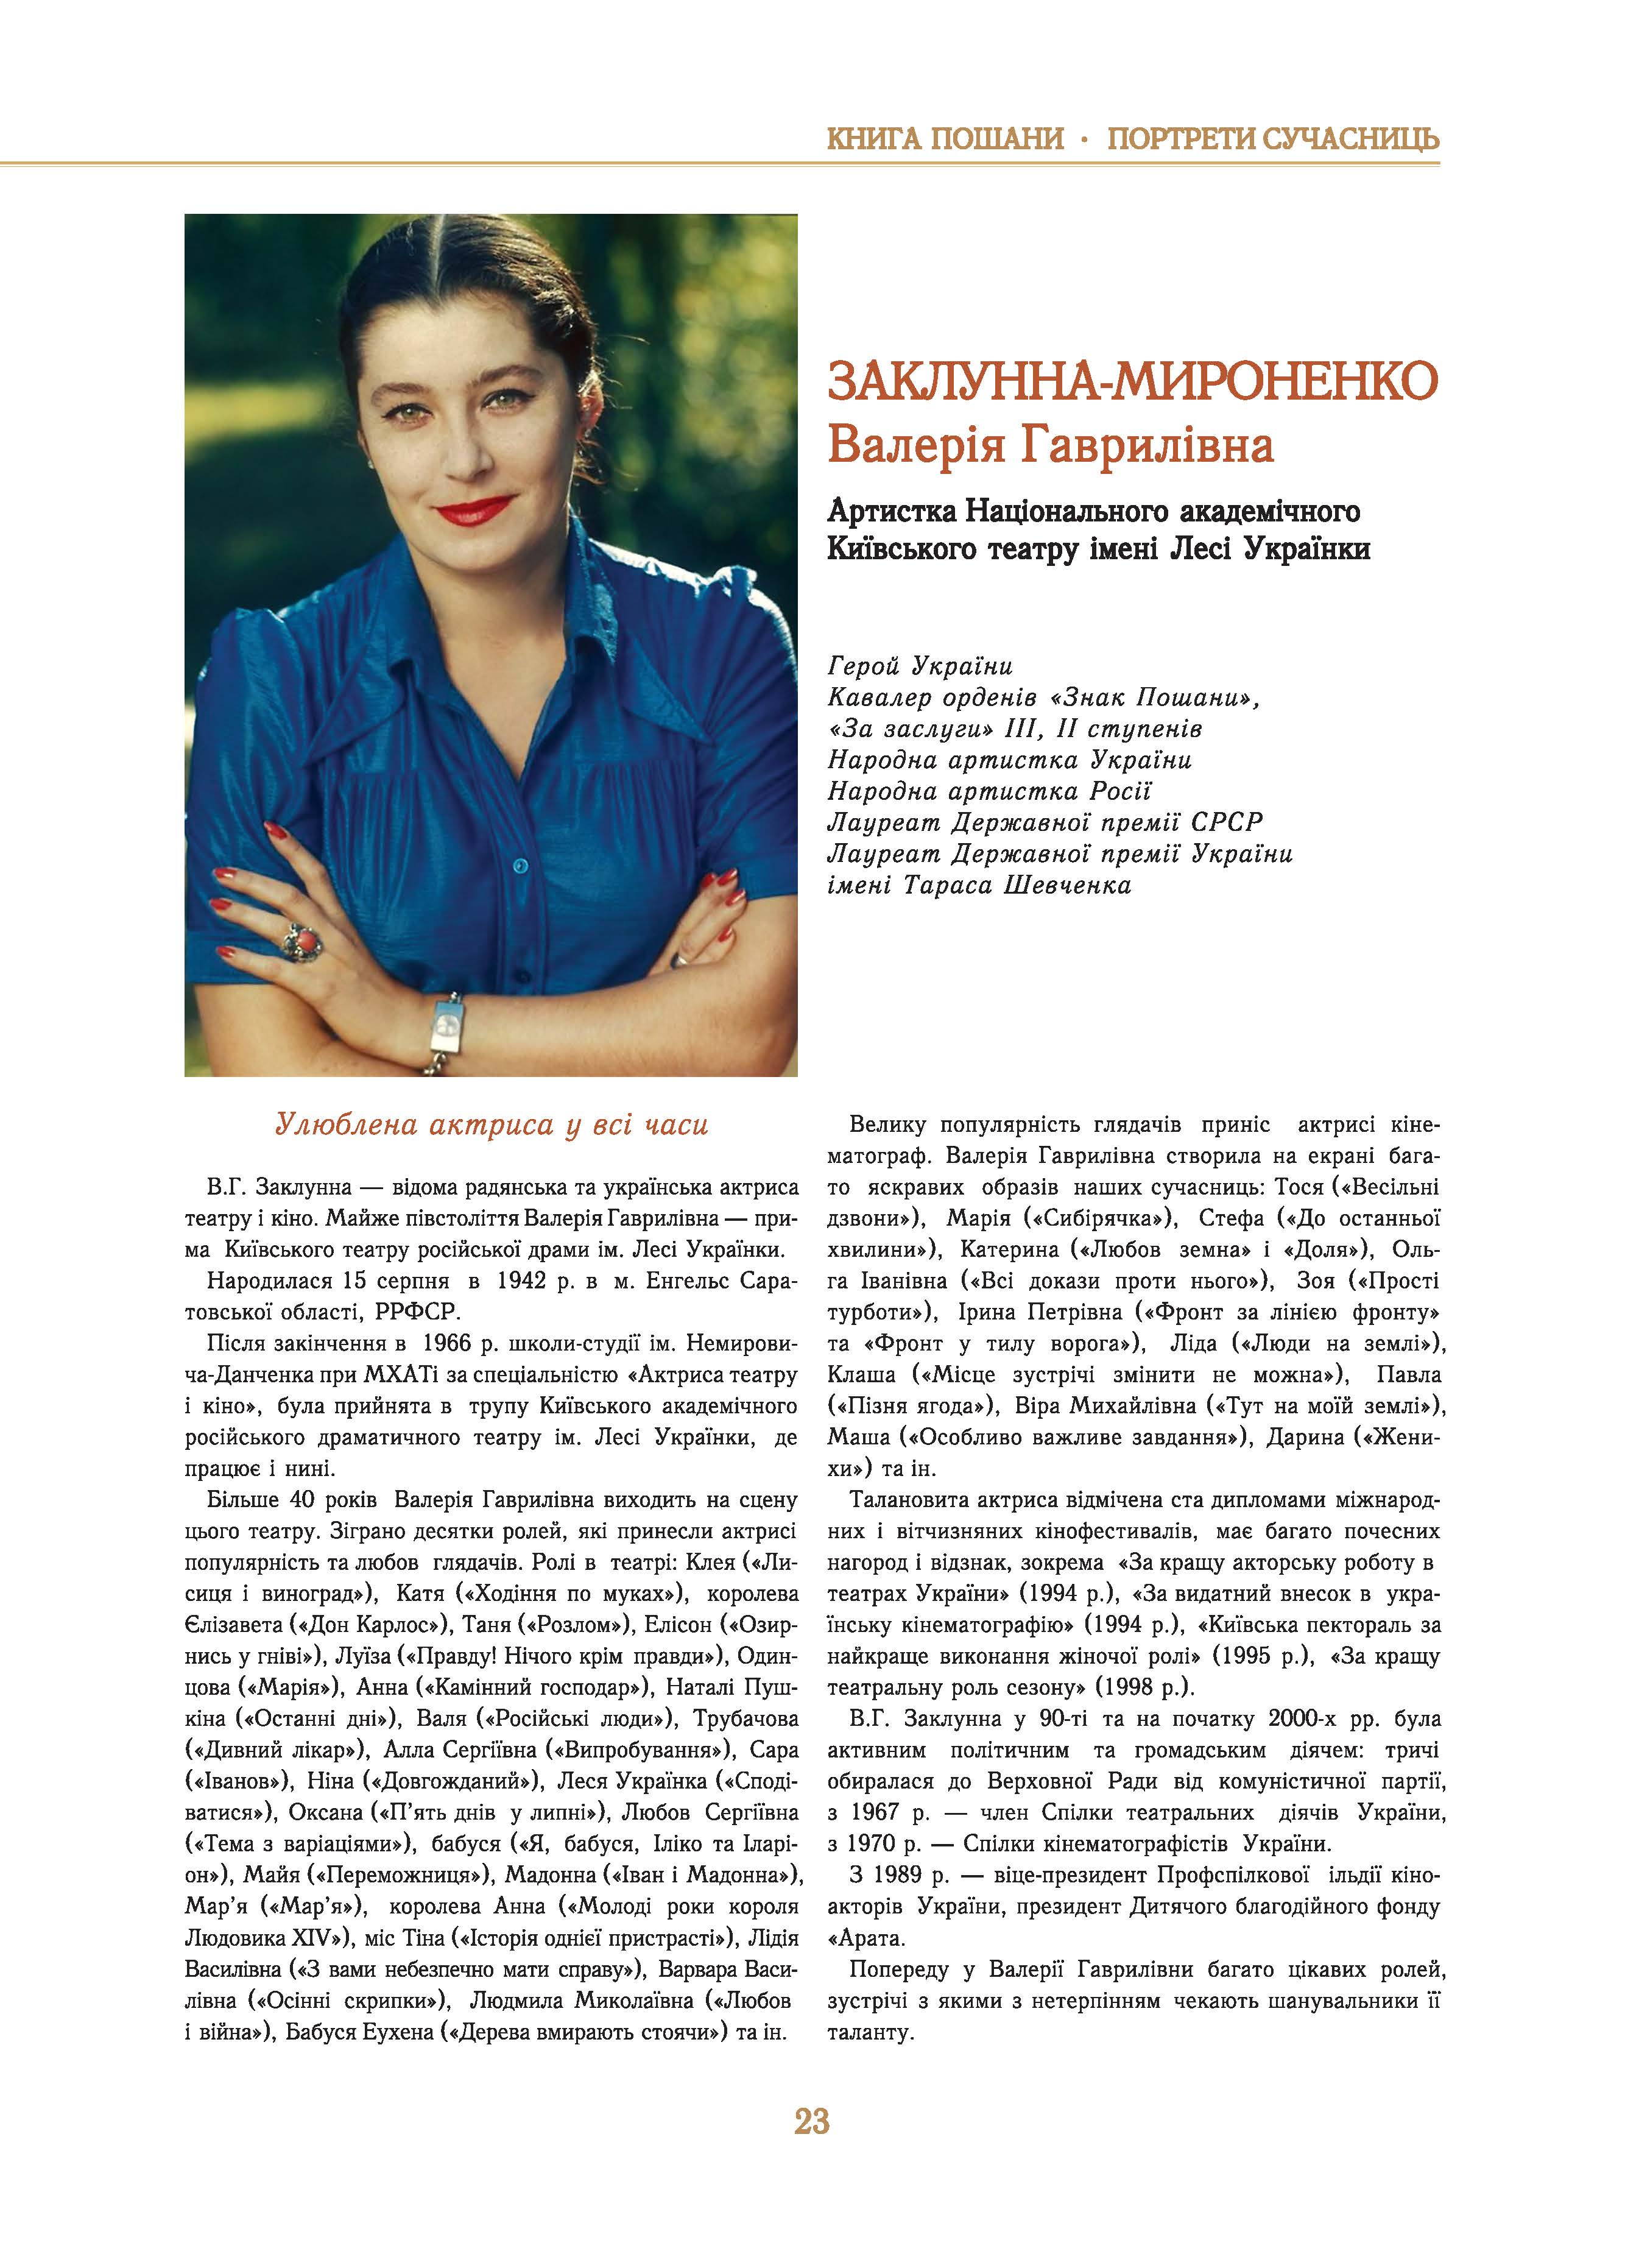 Заклунна - Мироненко Валерія Гаврилівна